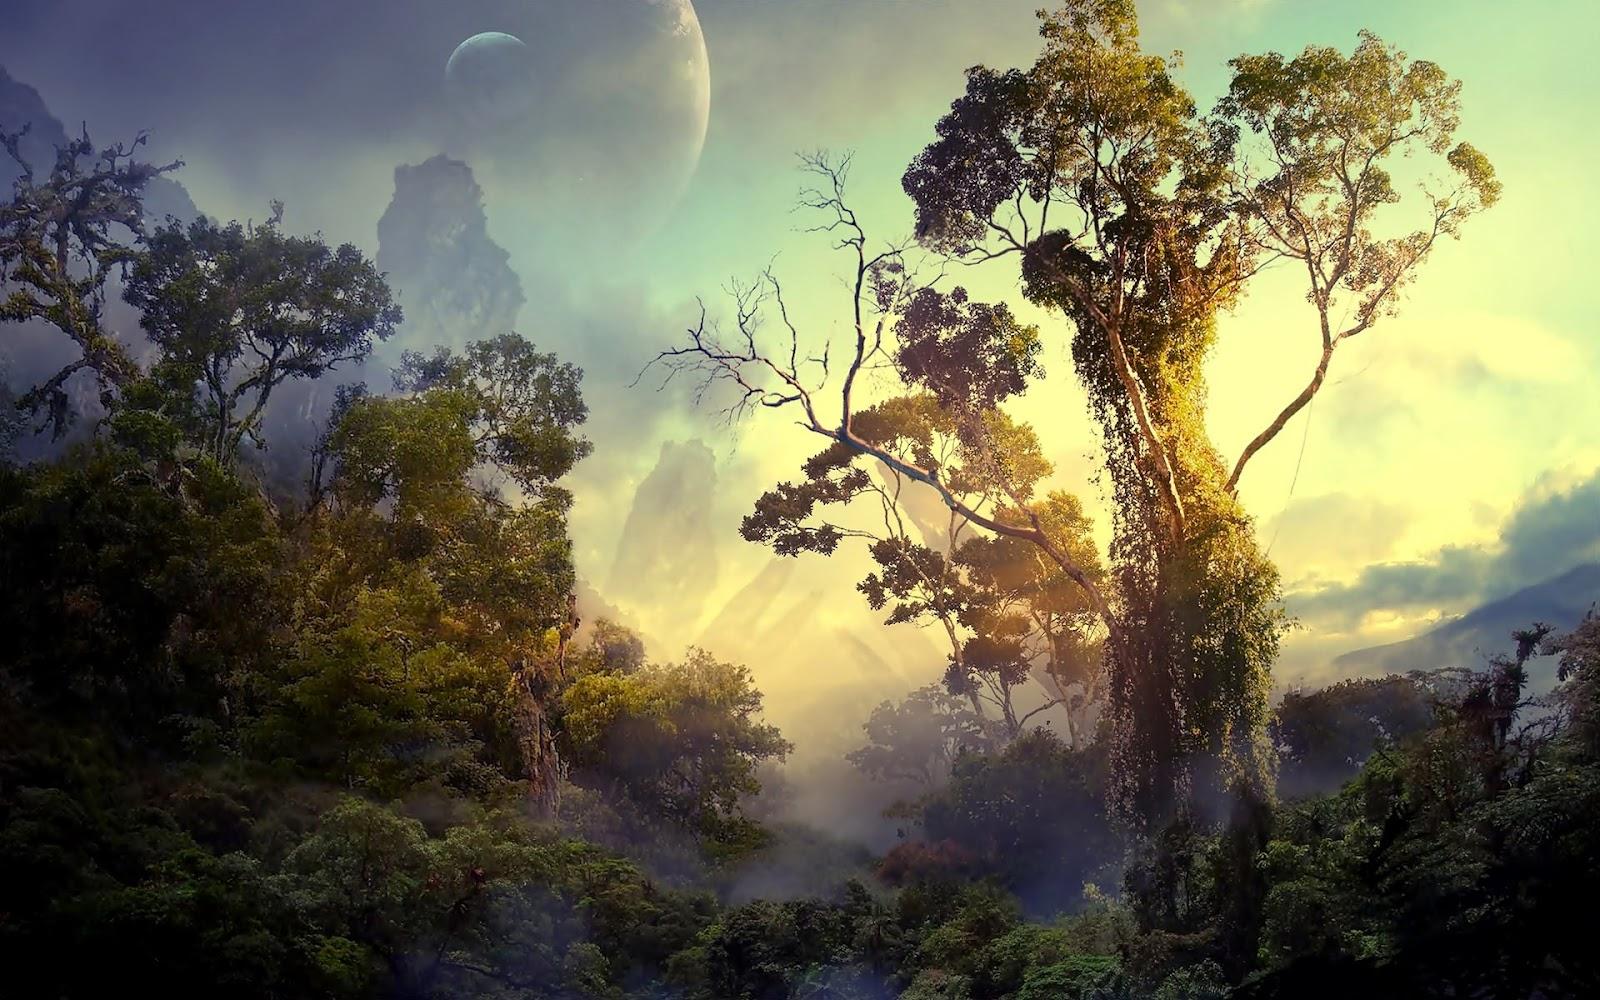 In-the-alien-jungle.jpg